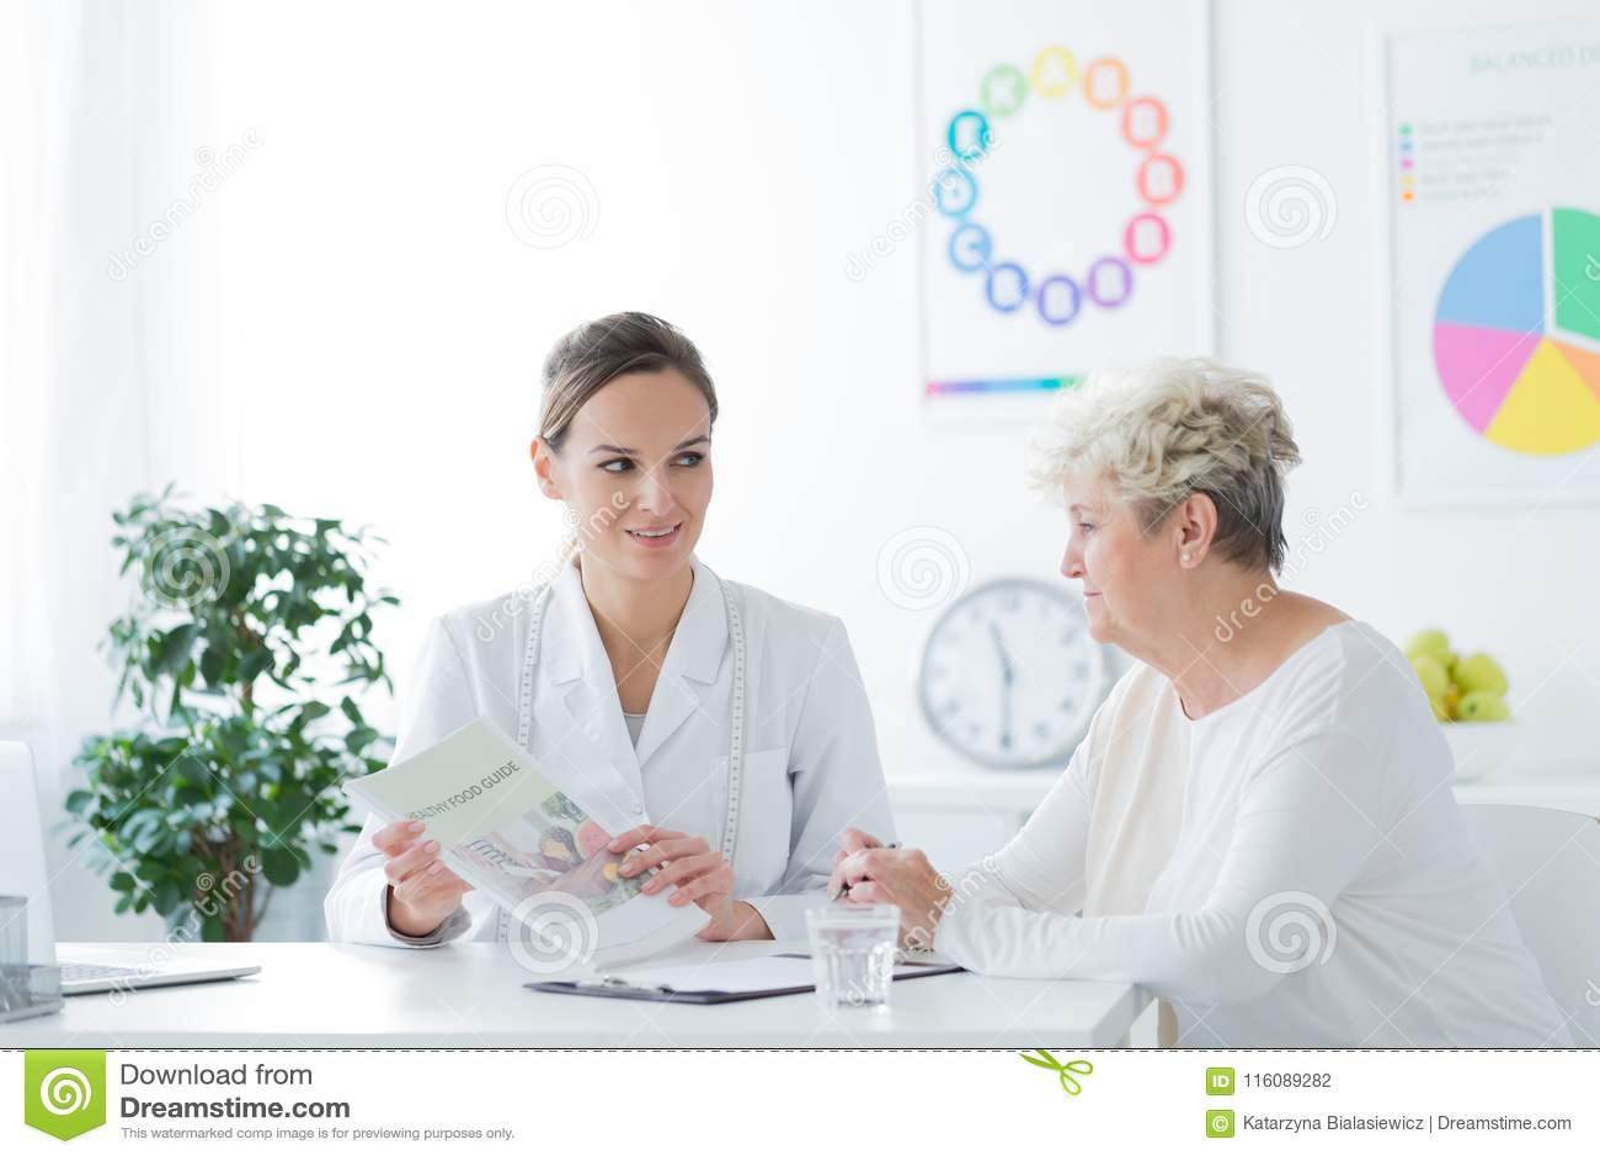 Kvinna under medicinsk intervju